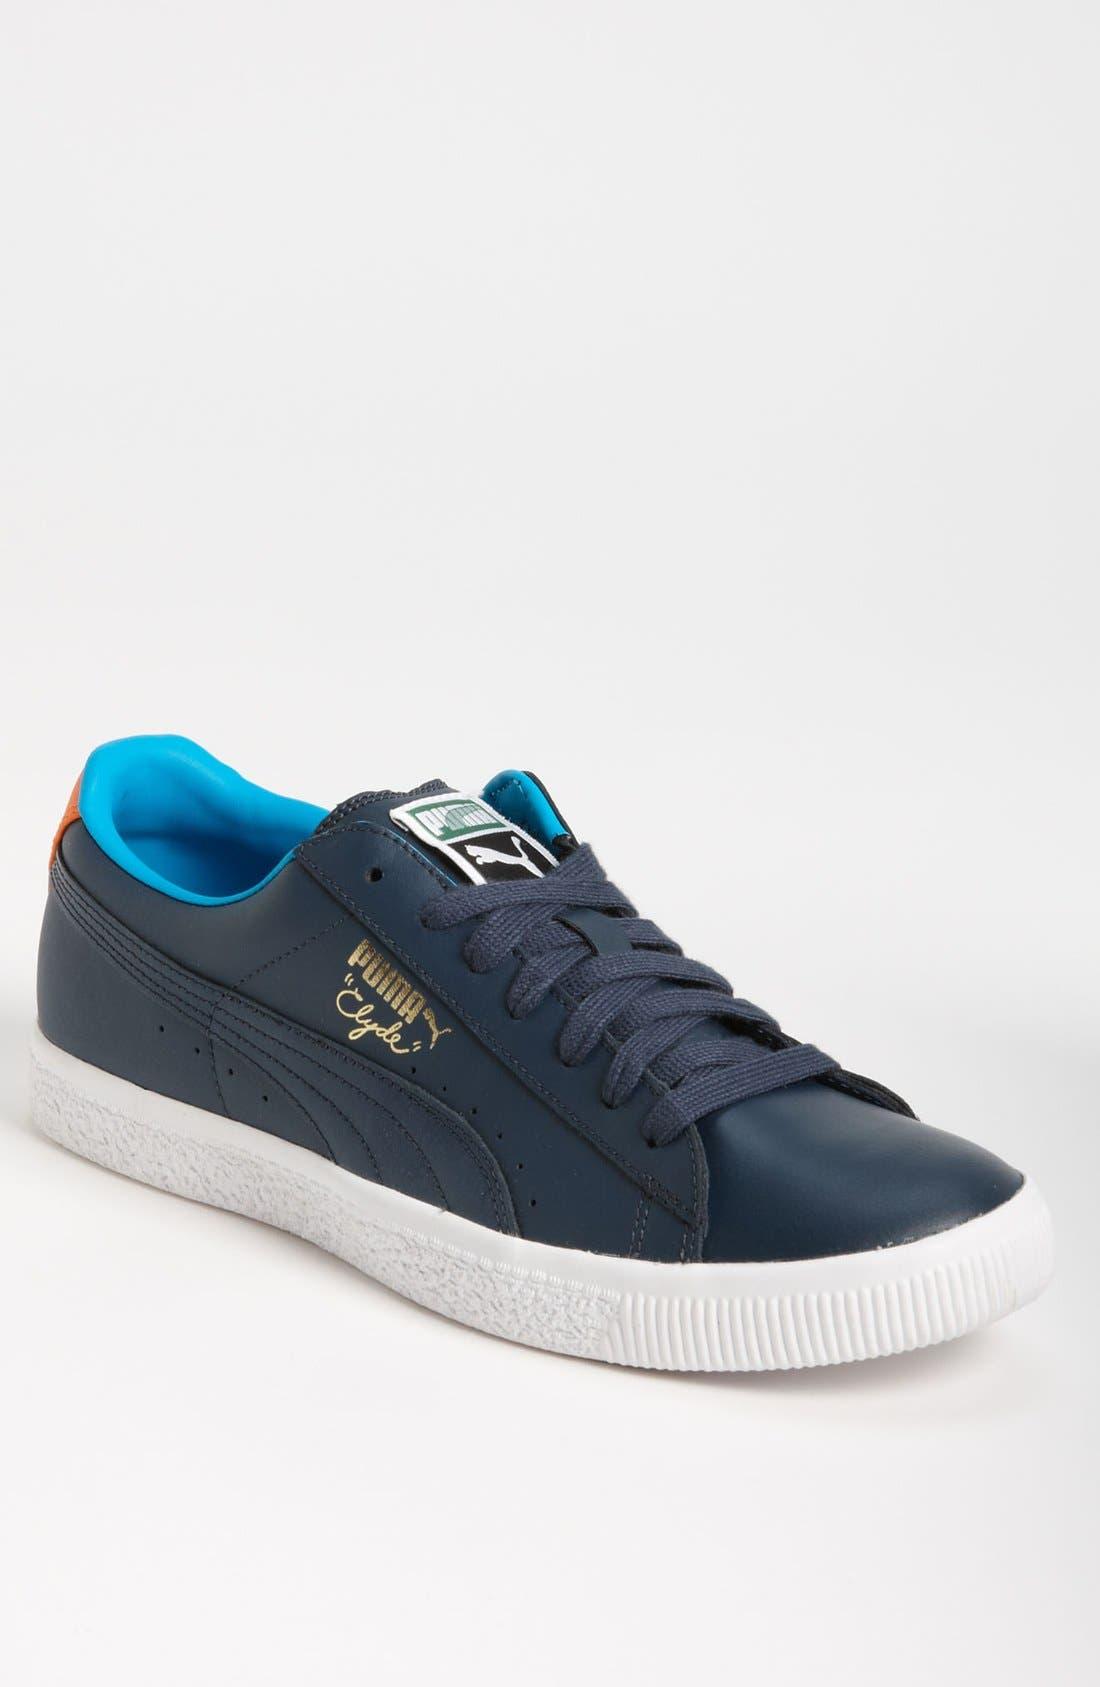 Alternate Image 1 Selected - PUMA 'Clyde' Sneaker (Men)